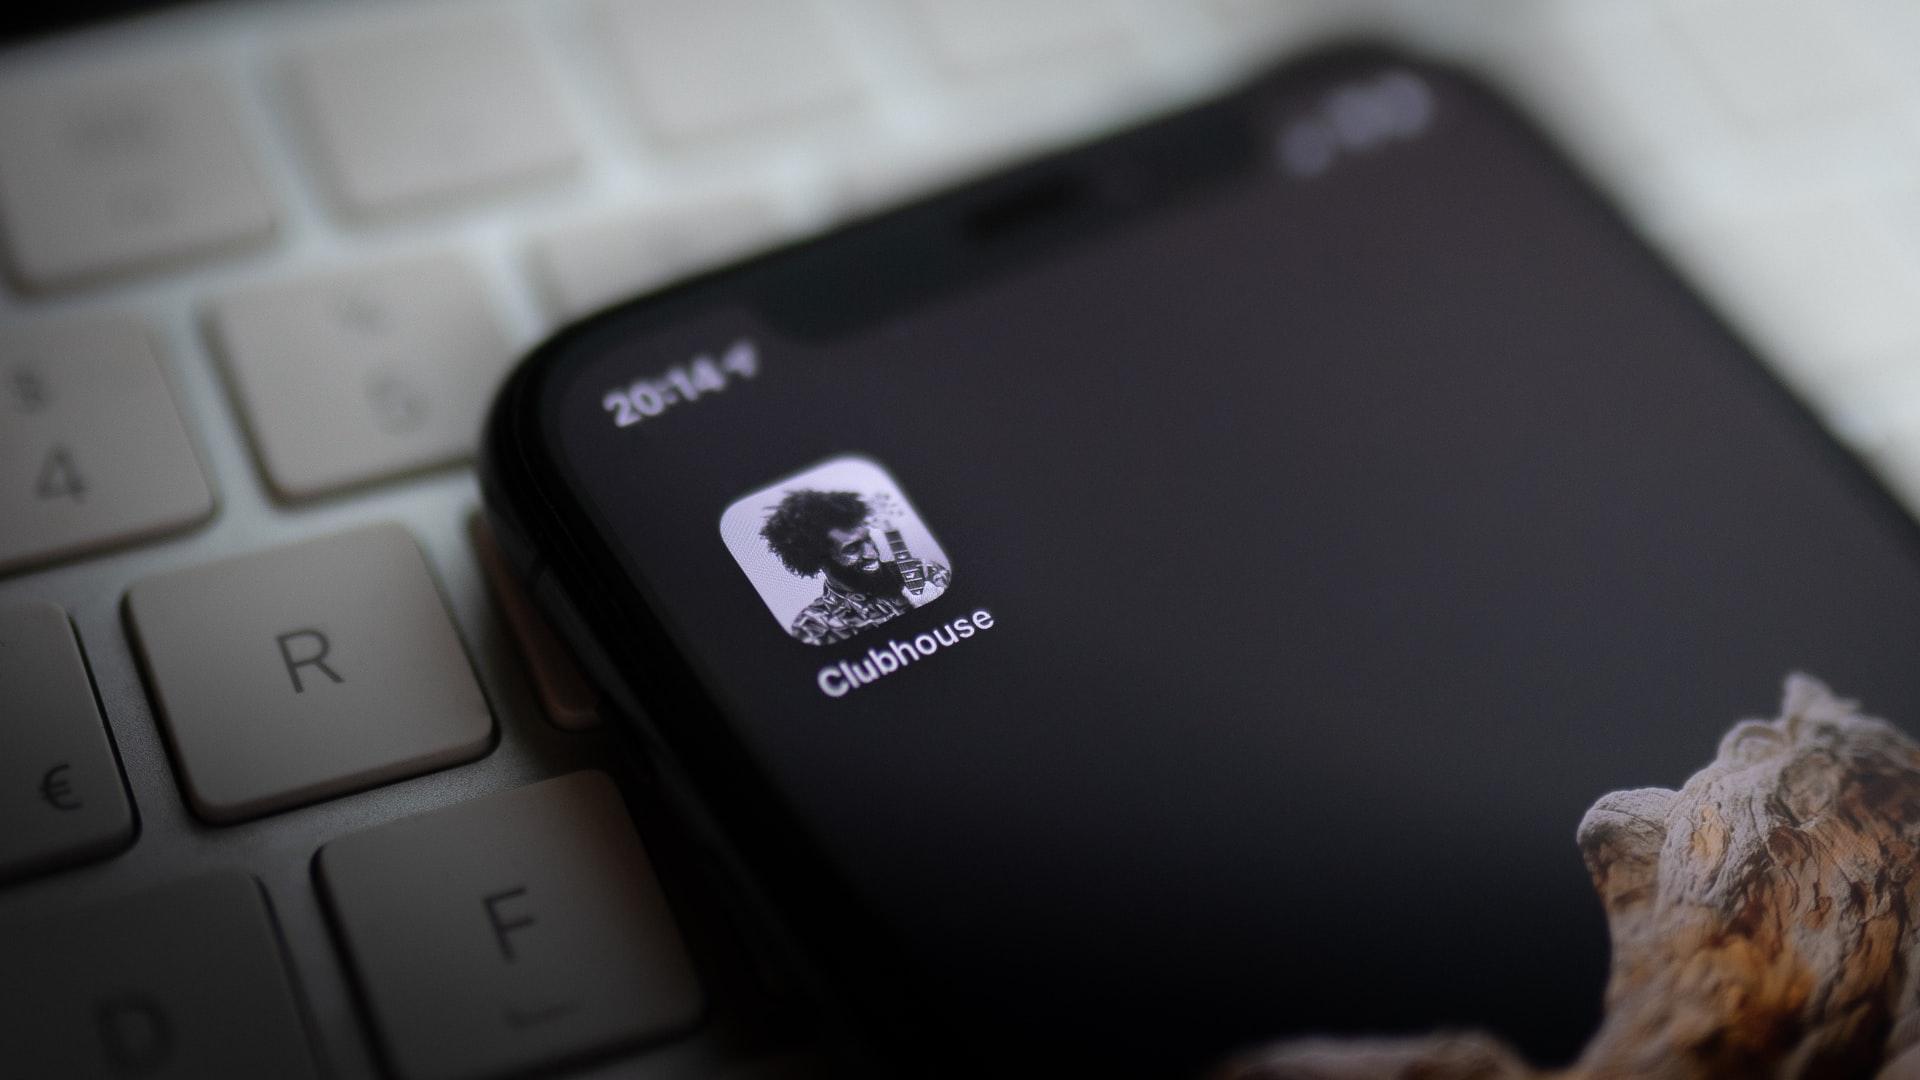 Clubhouse prova a fare il salto: arriva la chat scritta